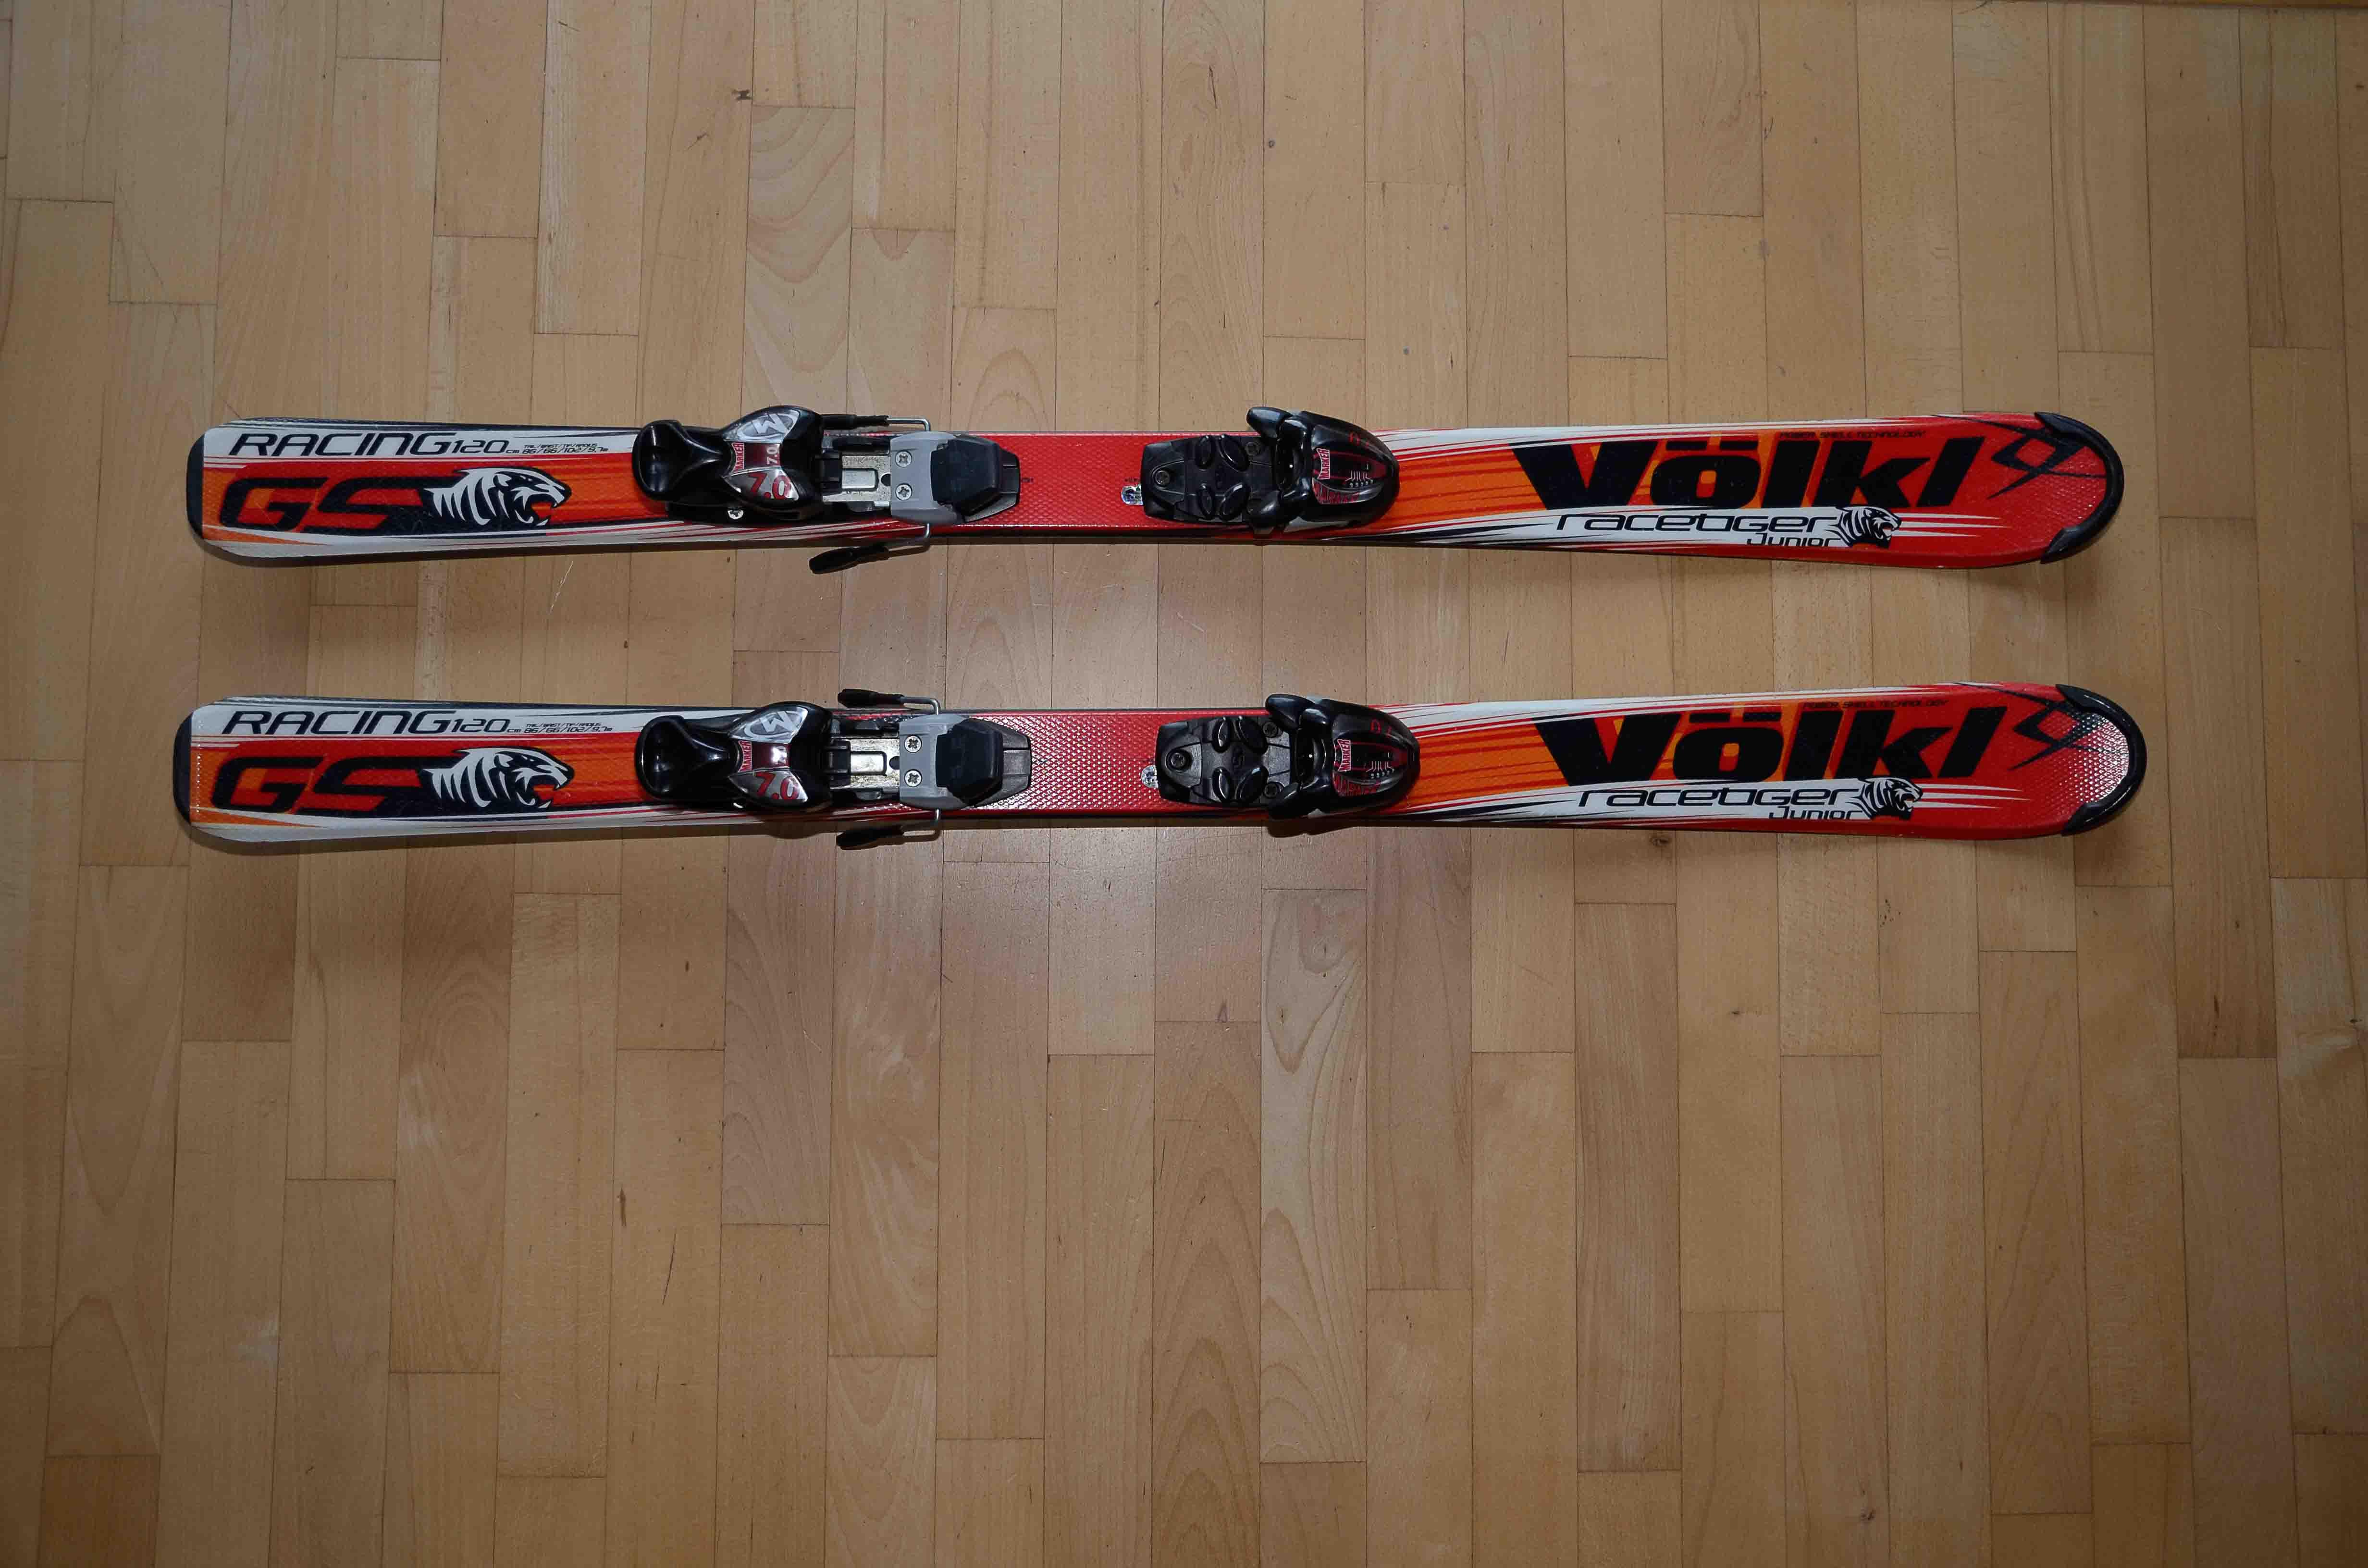 Dětské lyže 120 cm Völkl Racetiger Junior - Bazar - SNOW.CZ 0b5d974a012